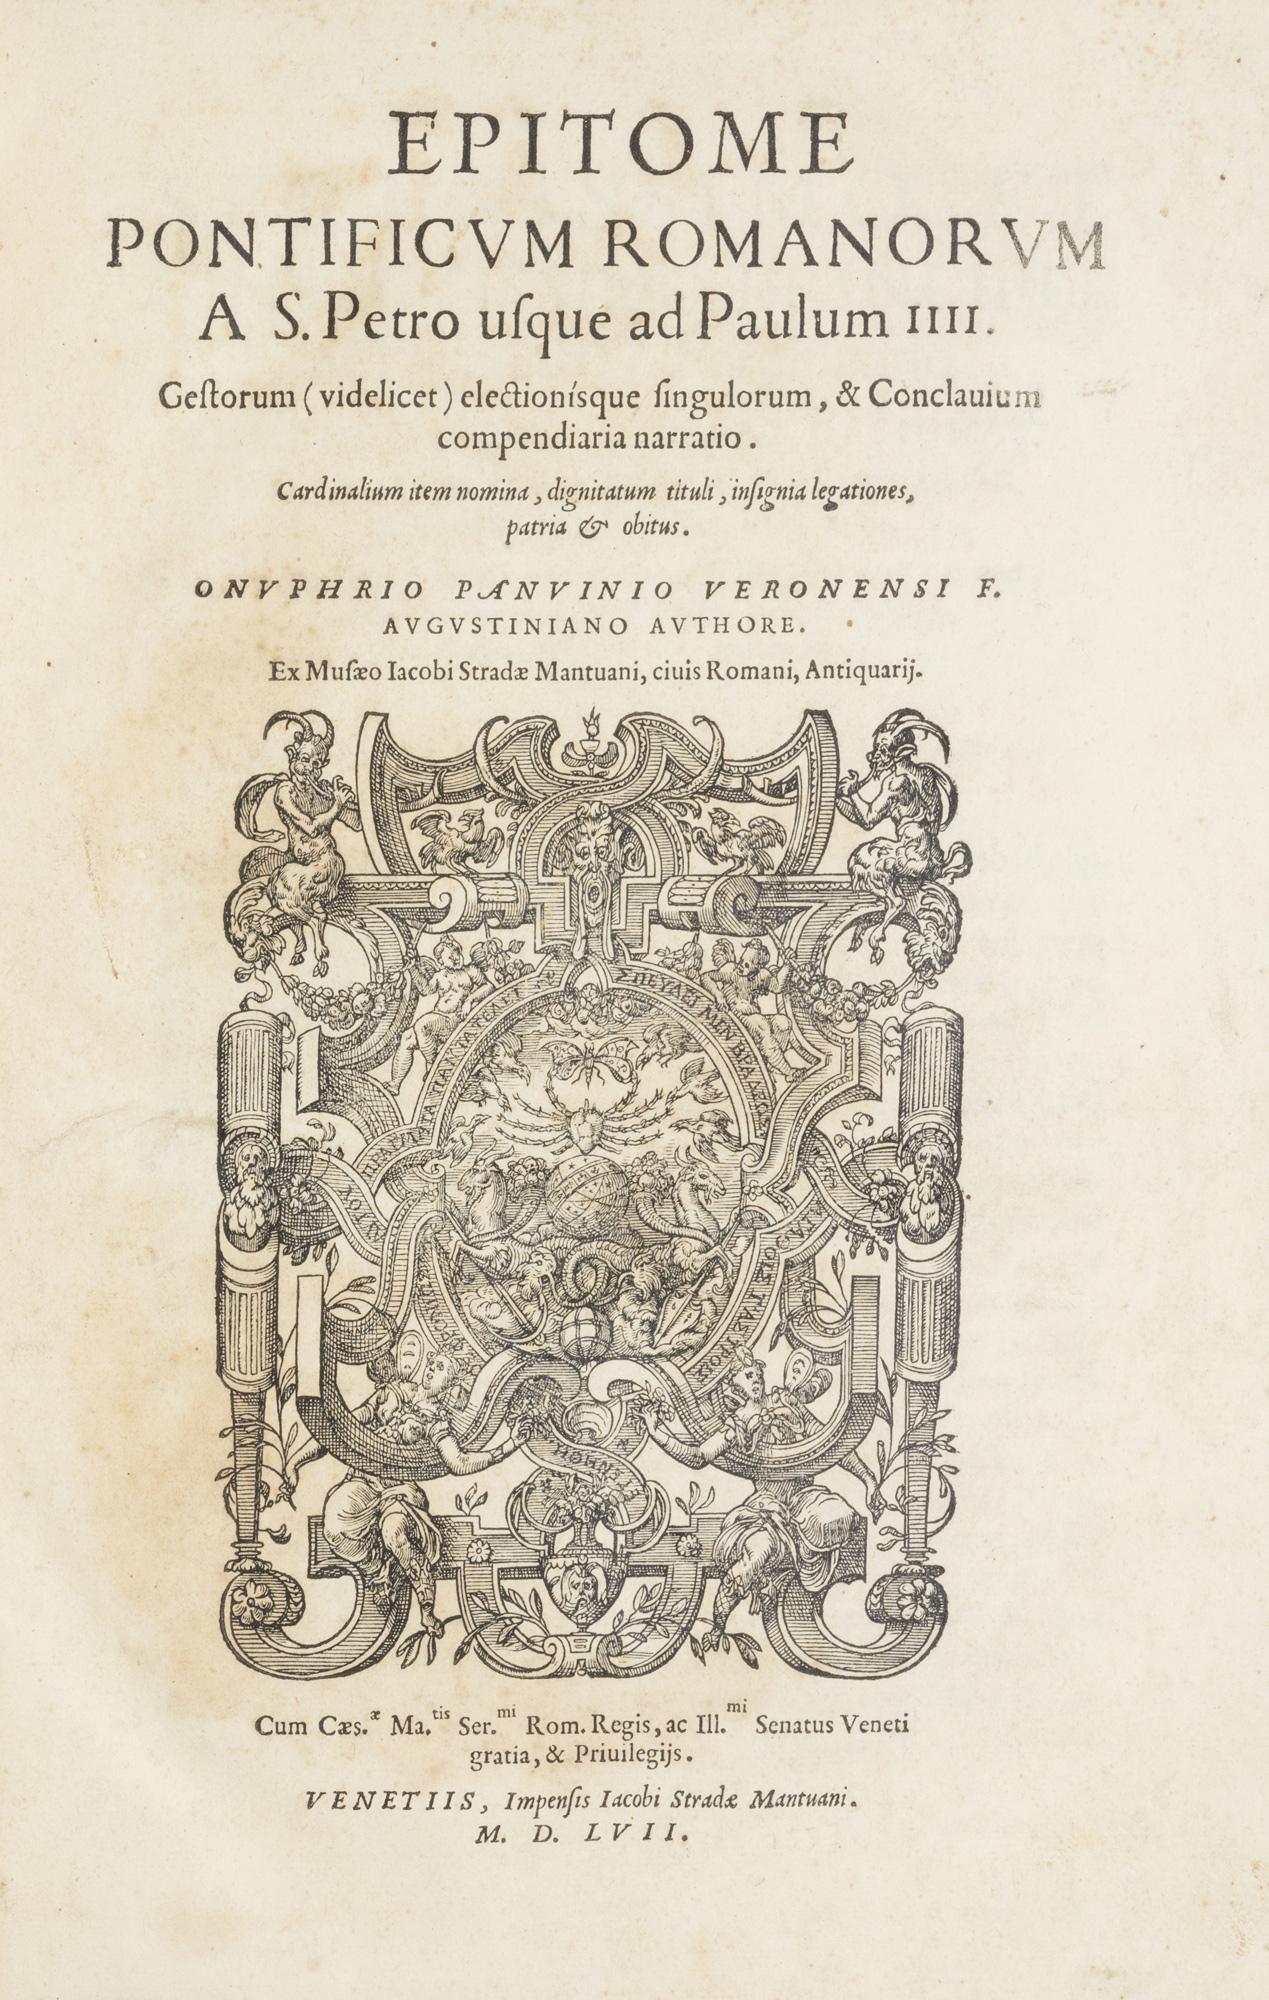 Epitome Pontificum Romanorum a S. Petro usque ad Paulum IIII